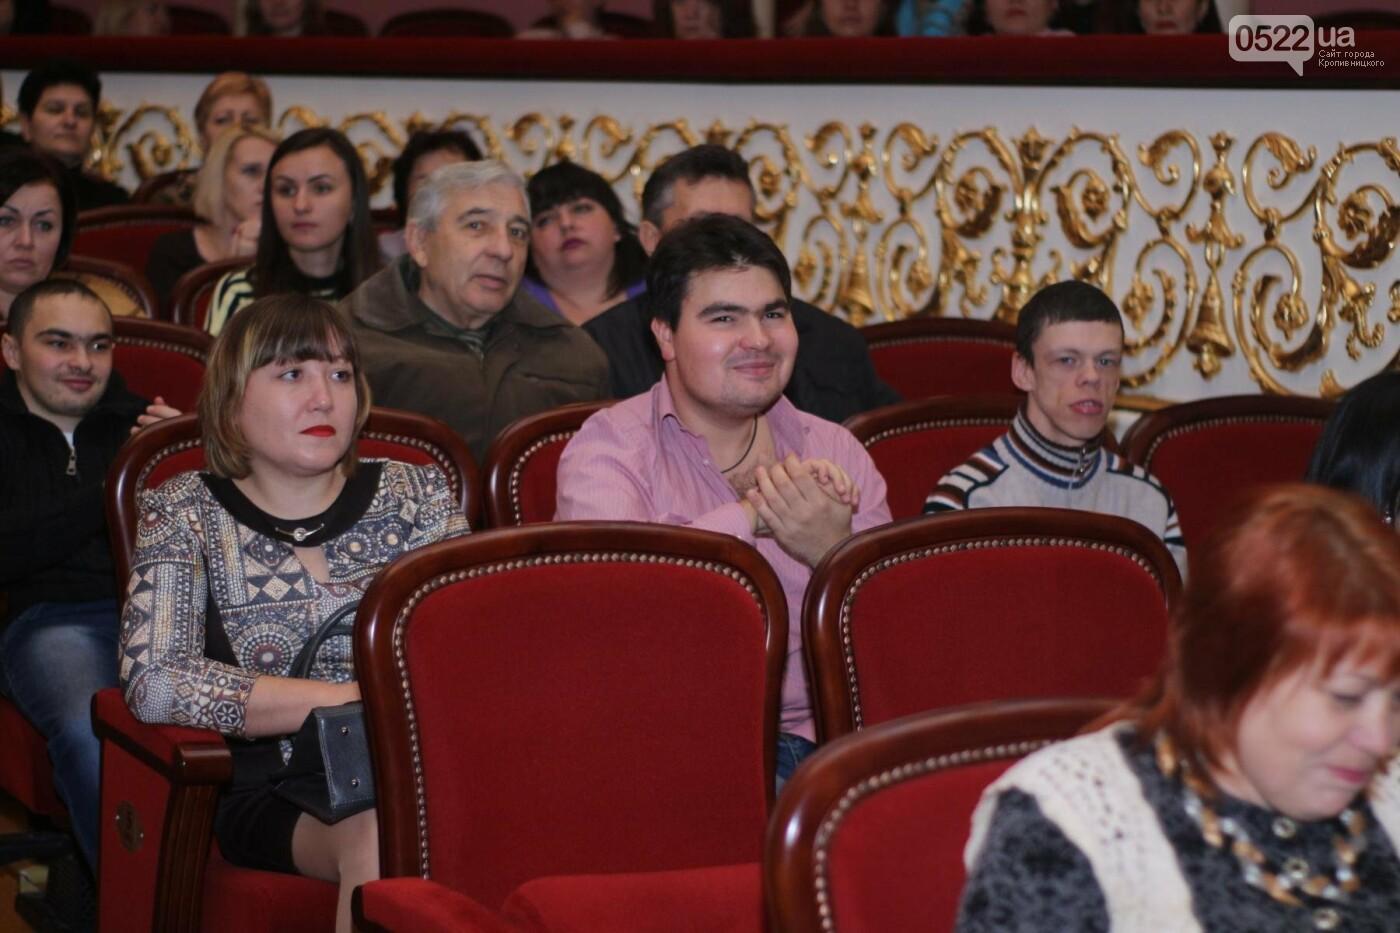 Урочистості до Міжнародного дня людей з інвалідністю відбулися у Кропивницькому, фото-37